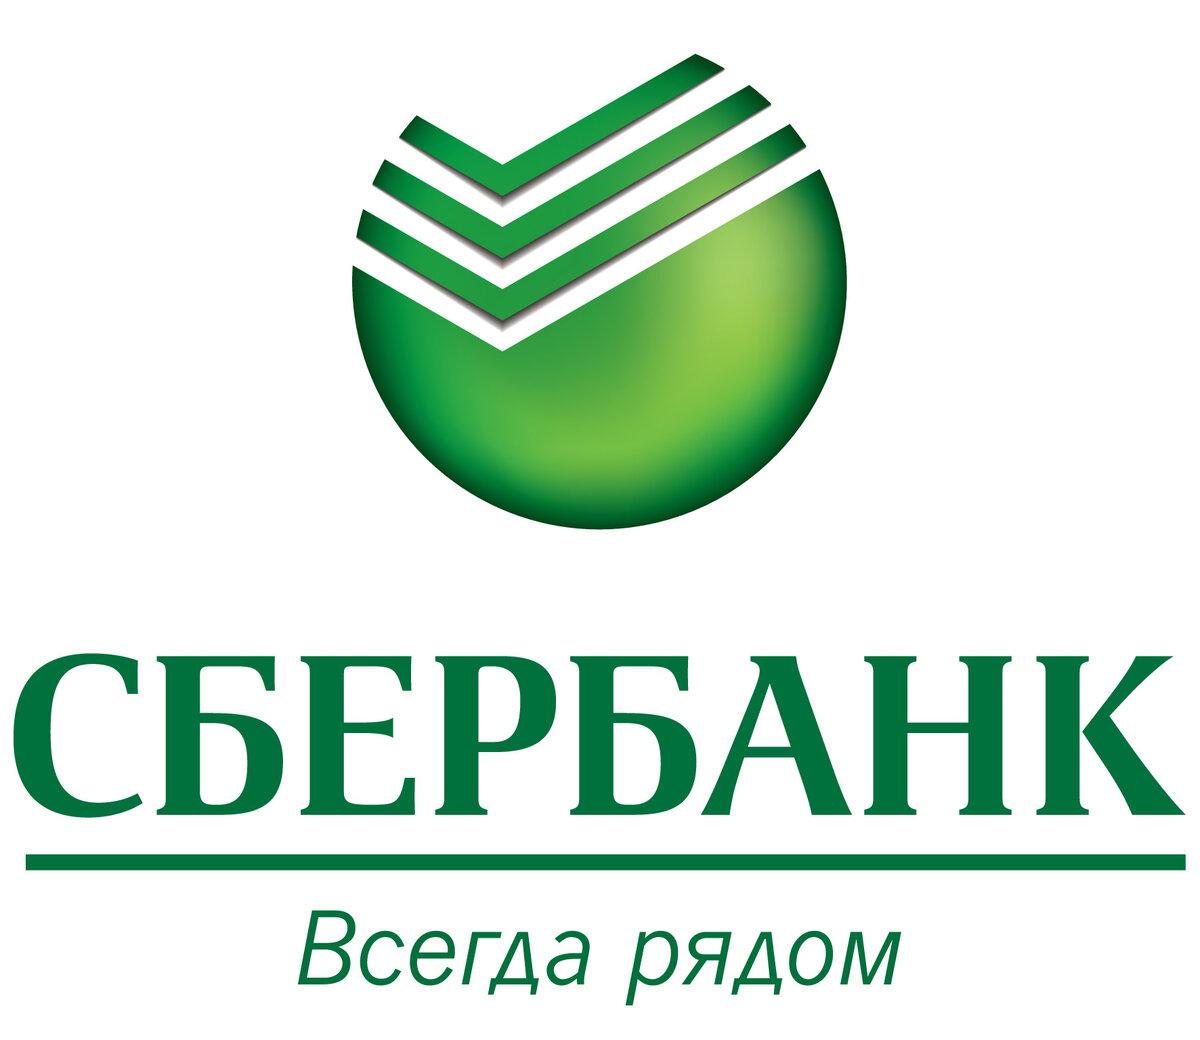 Днем рождения, картинка с логотипами банков